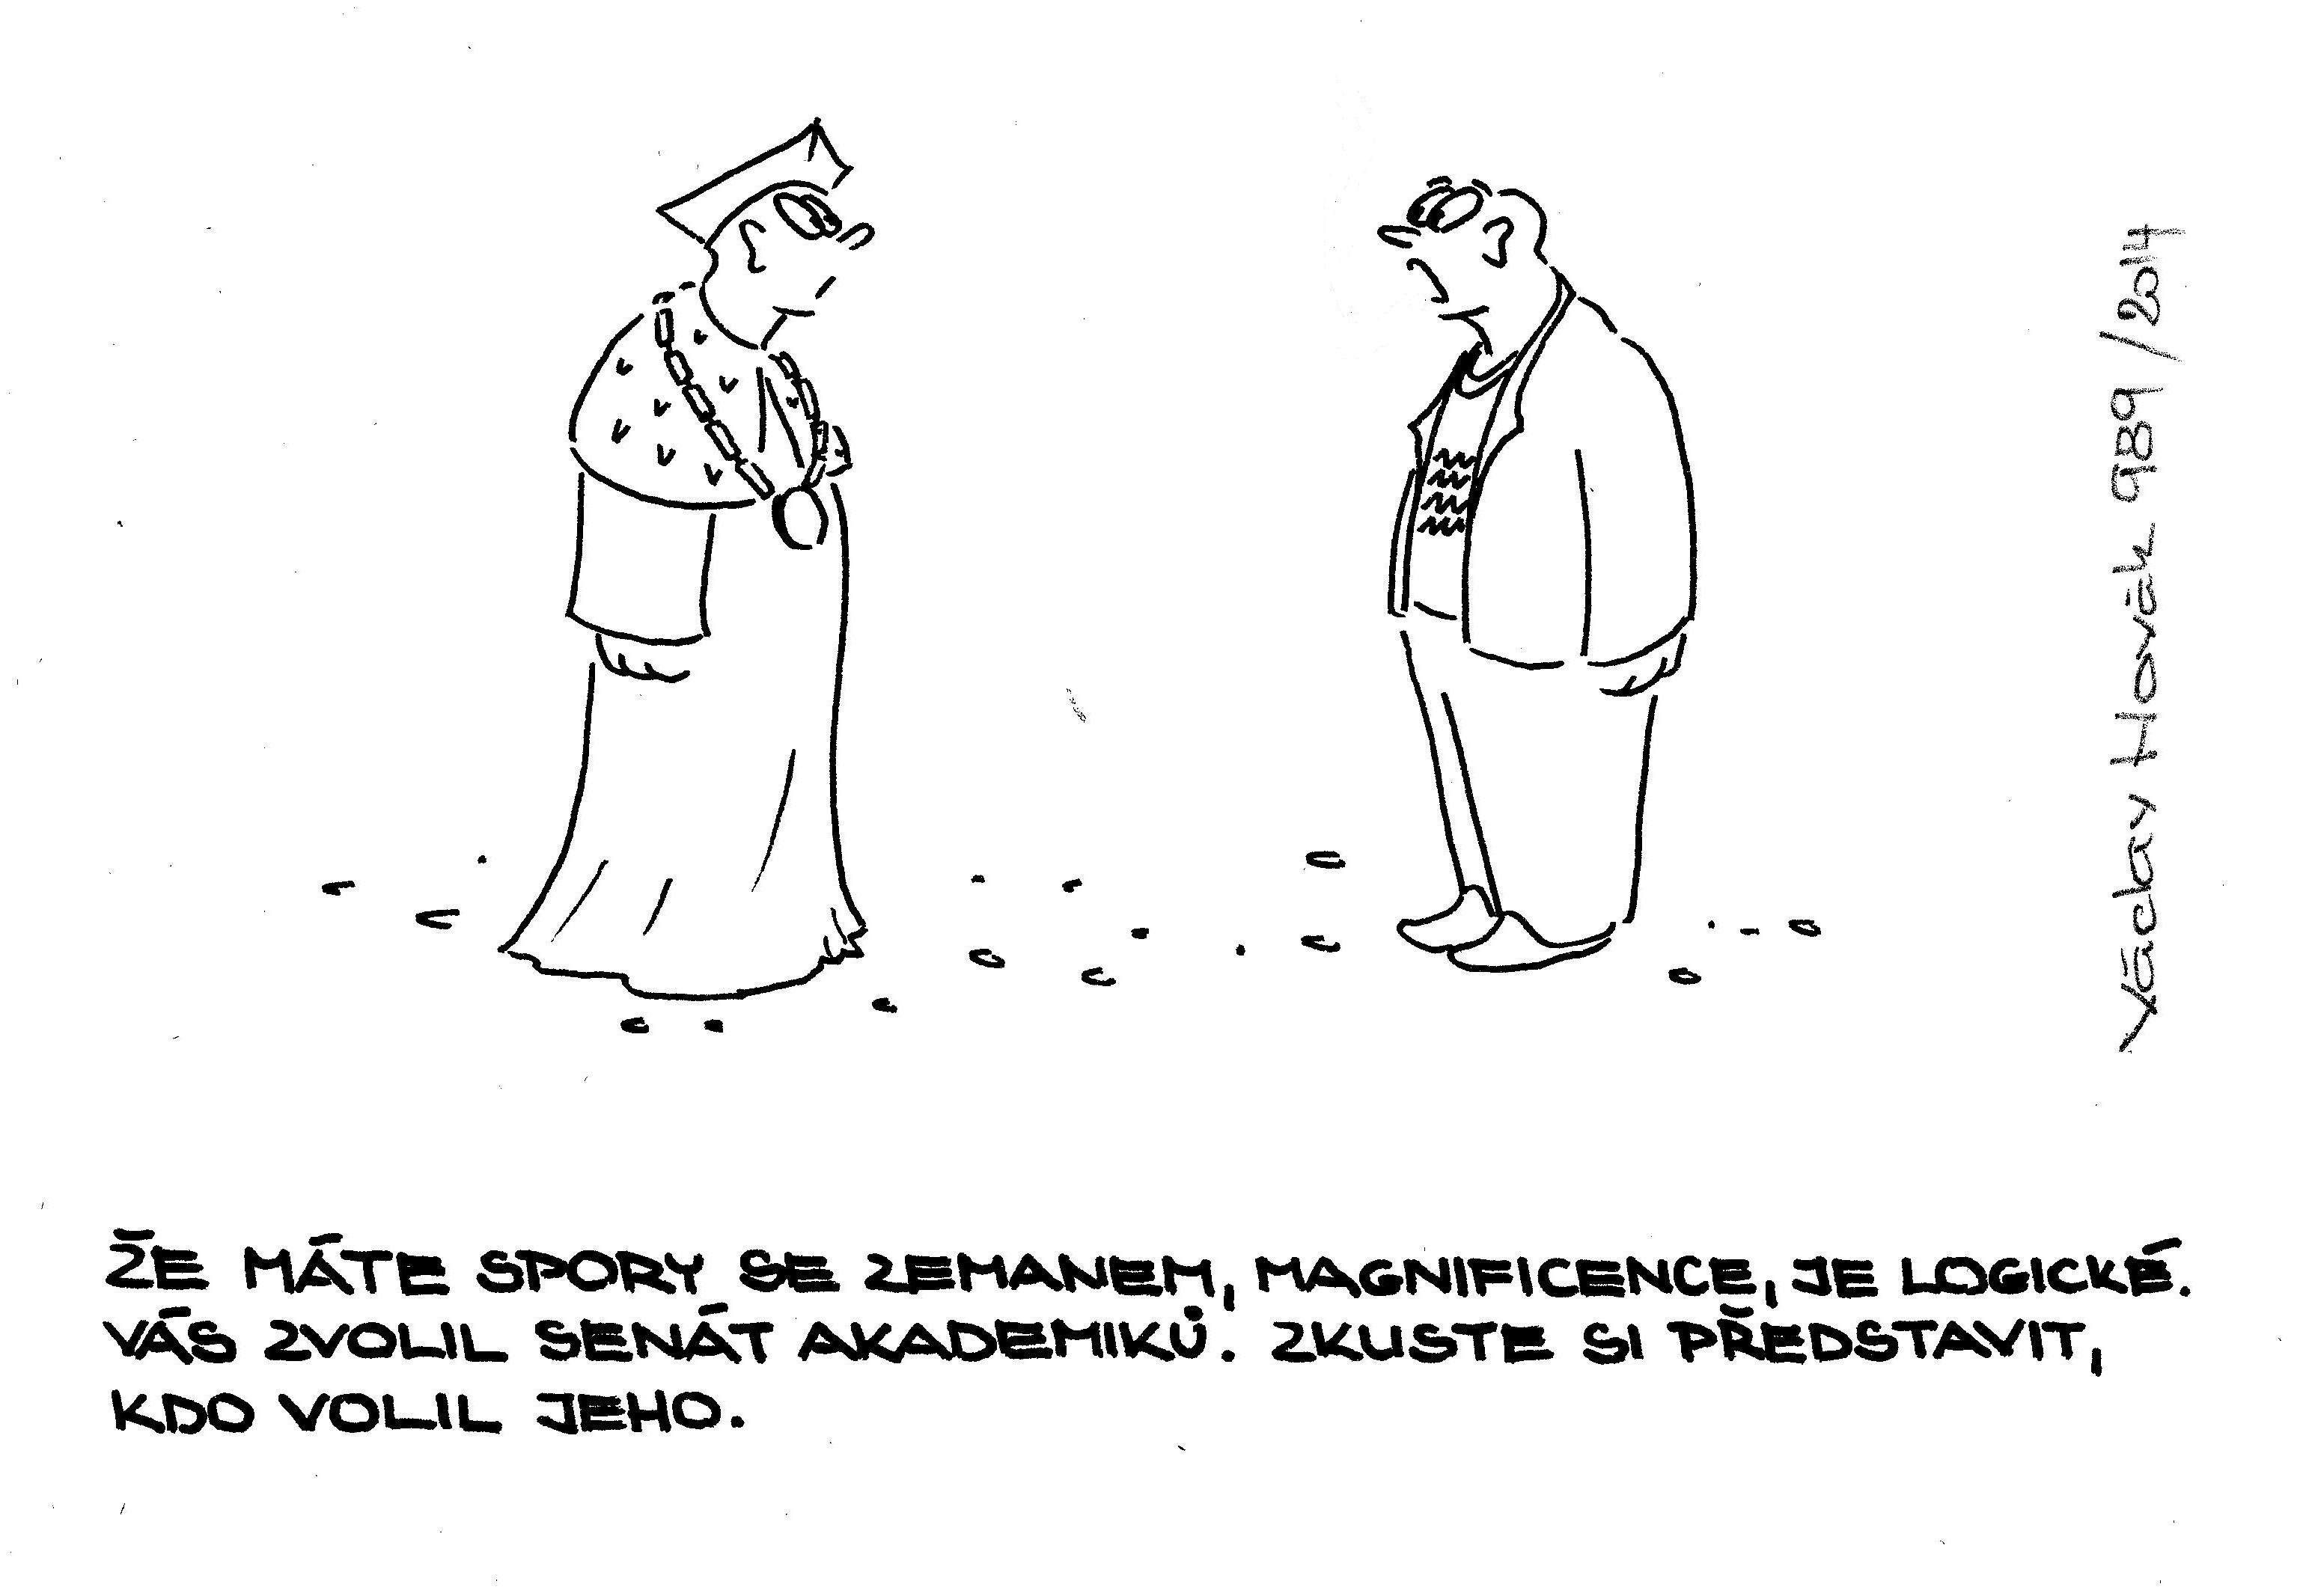 Václav Novák kreslený humor rektor hrad